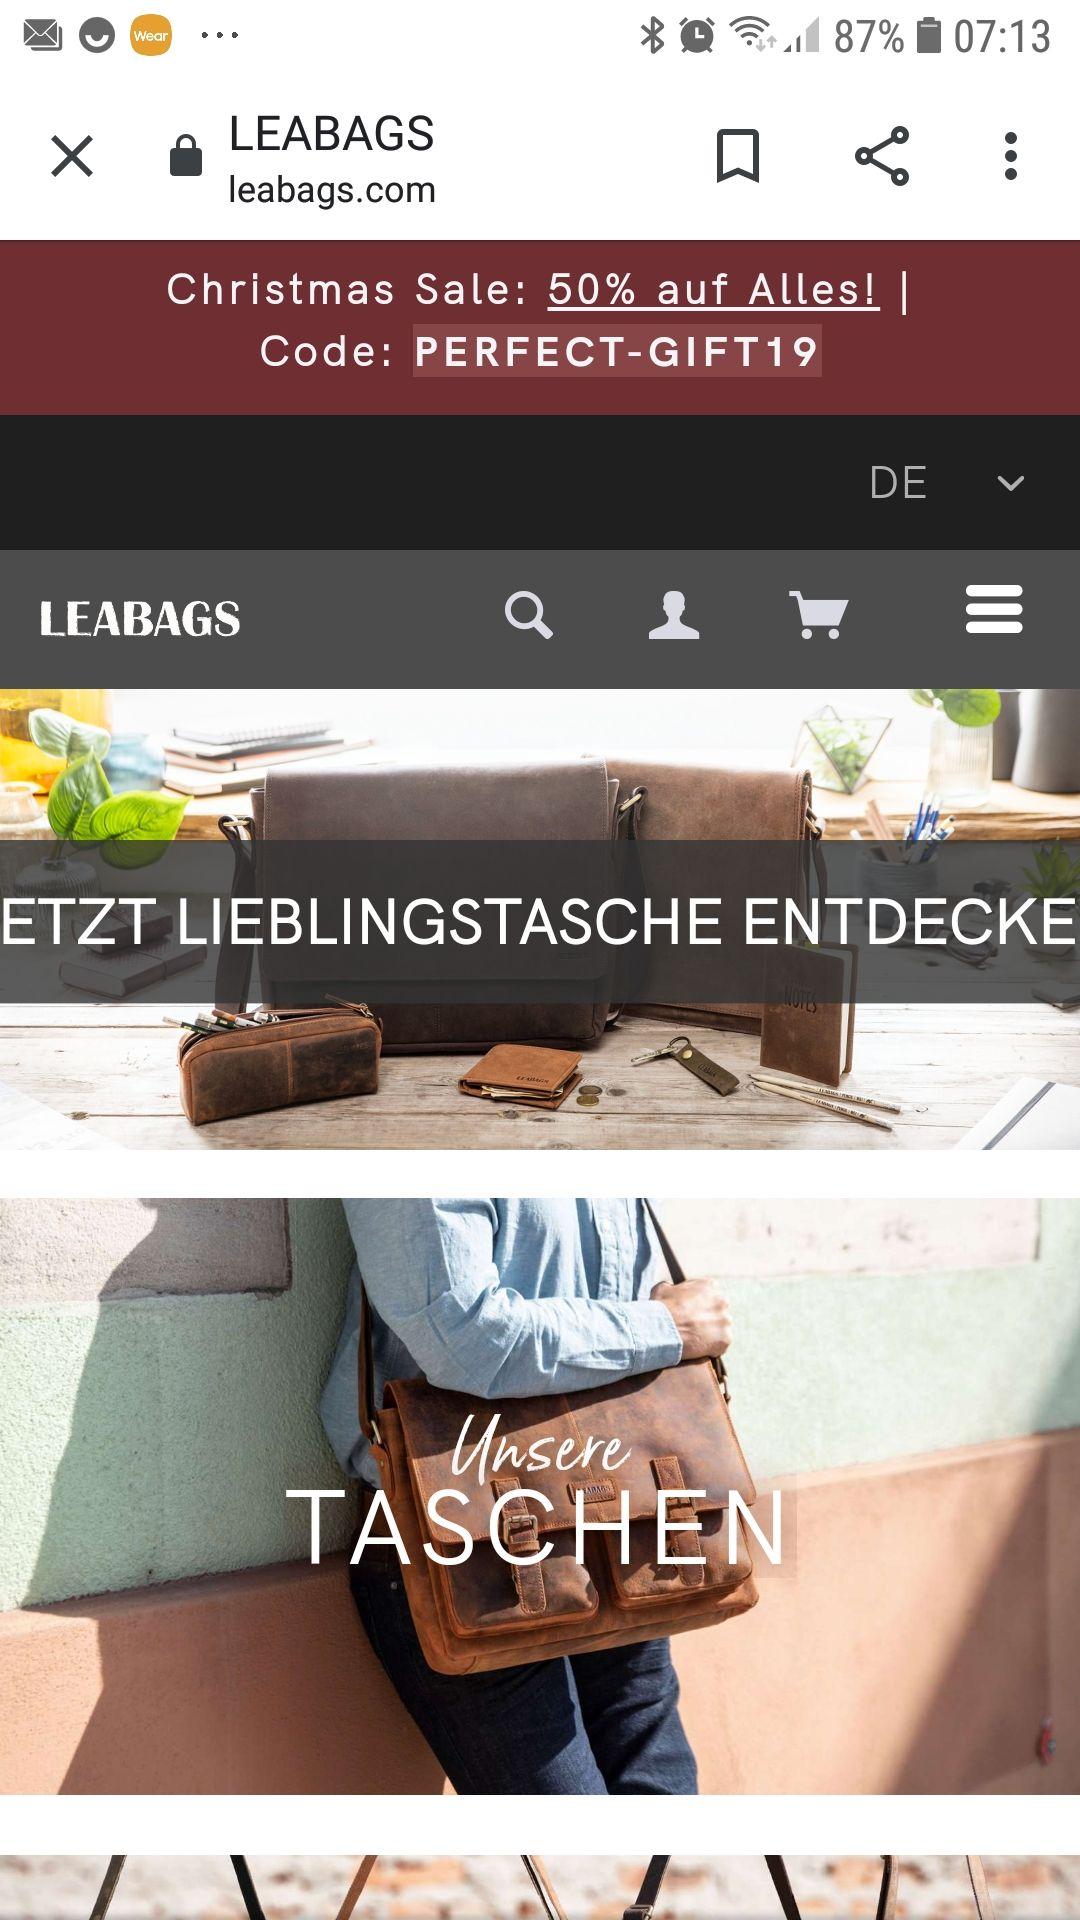 Leabags Taschen und Accessoires, Christmas Deal - wieder 50% Aktion auf alles.